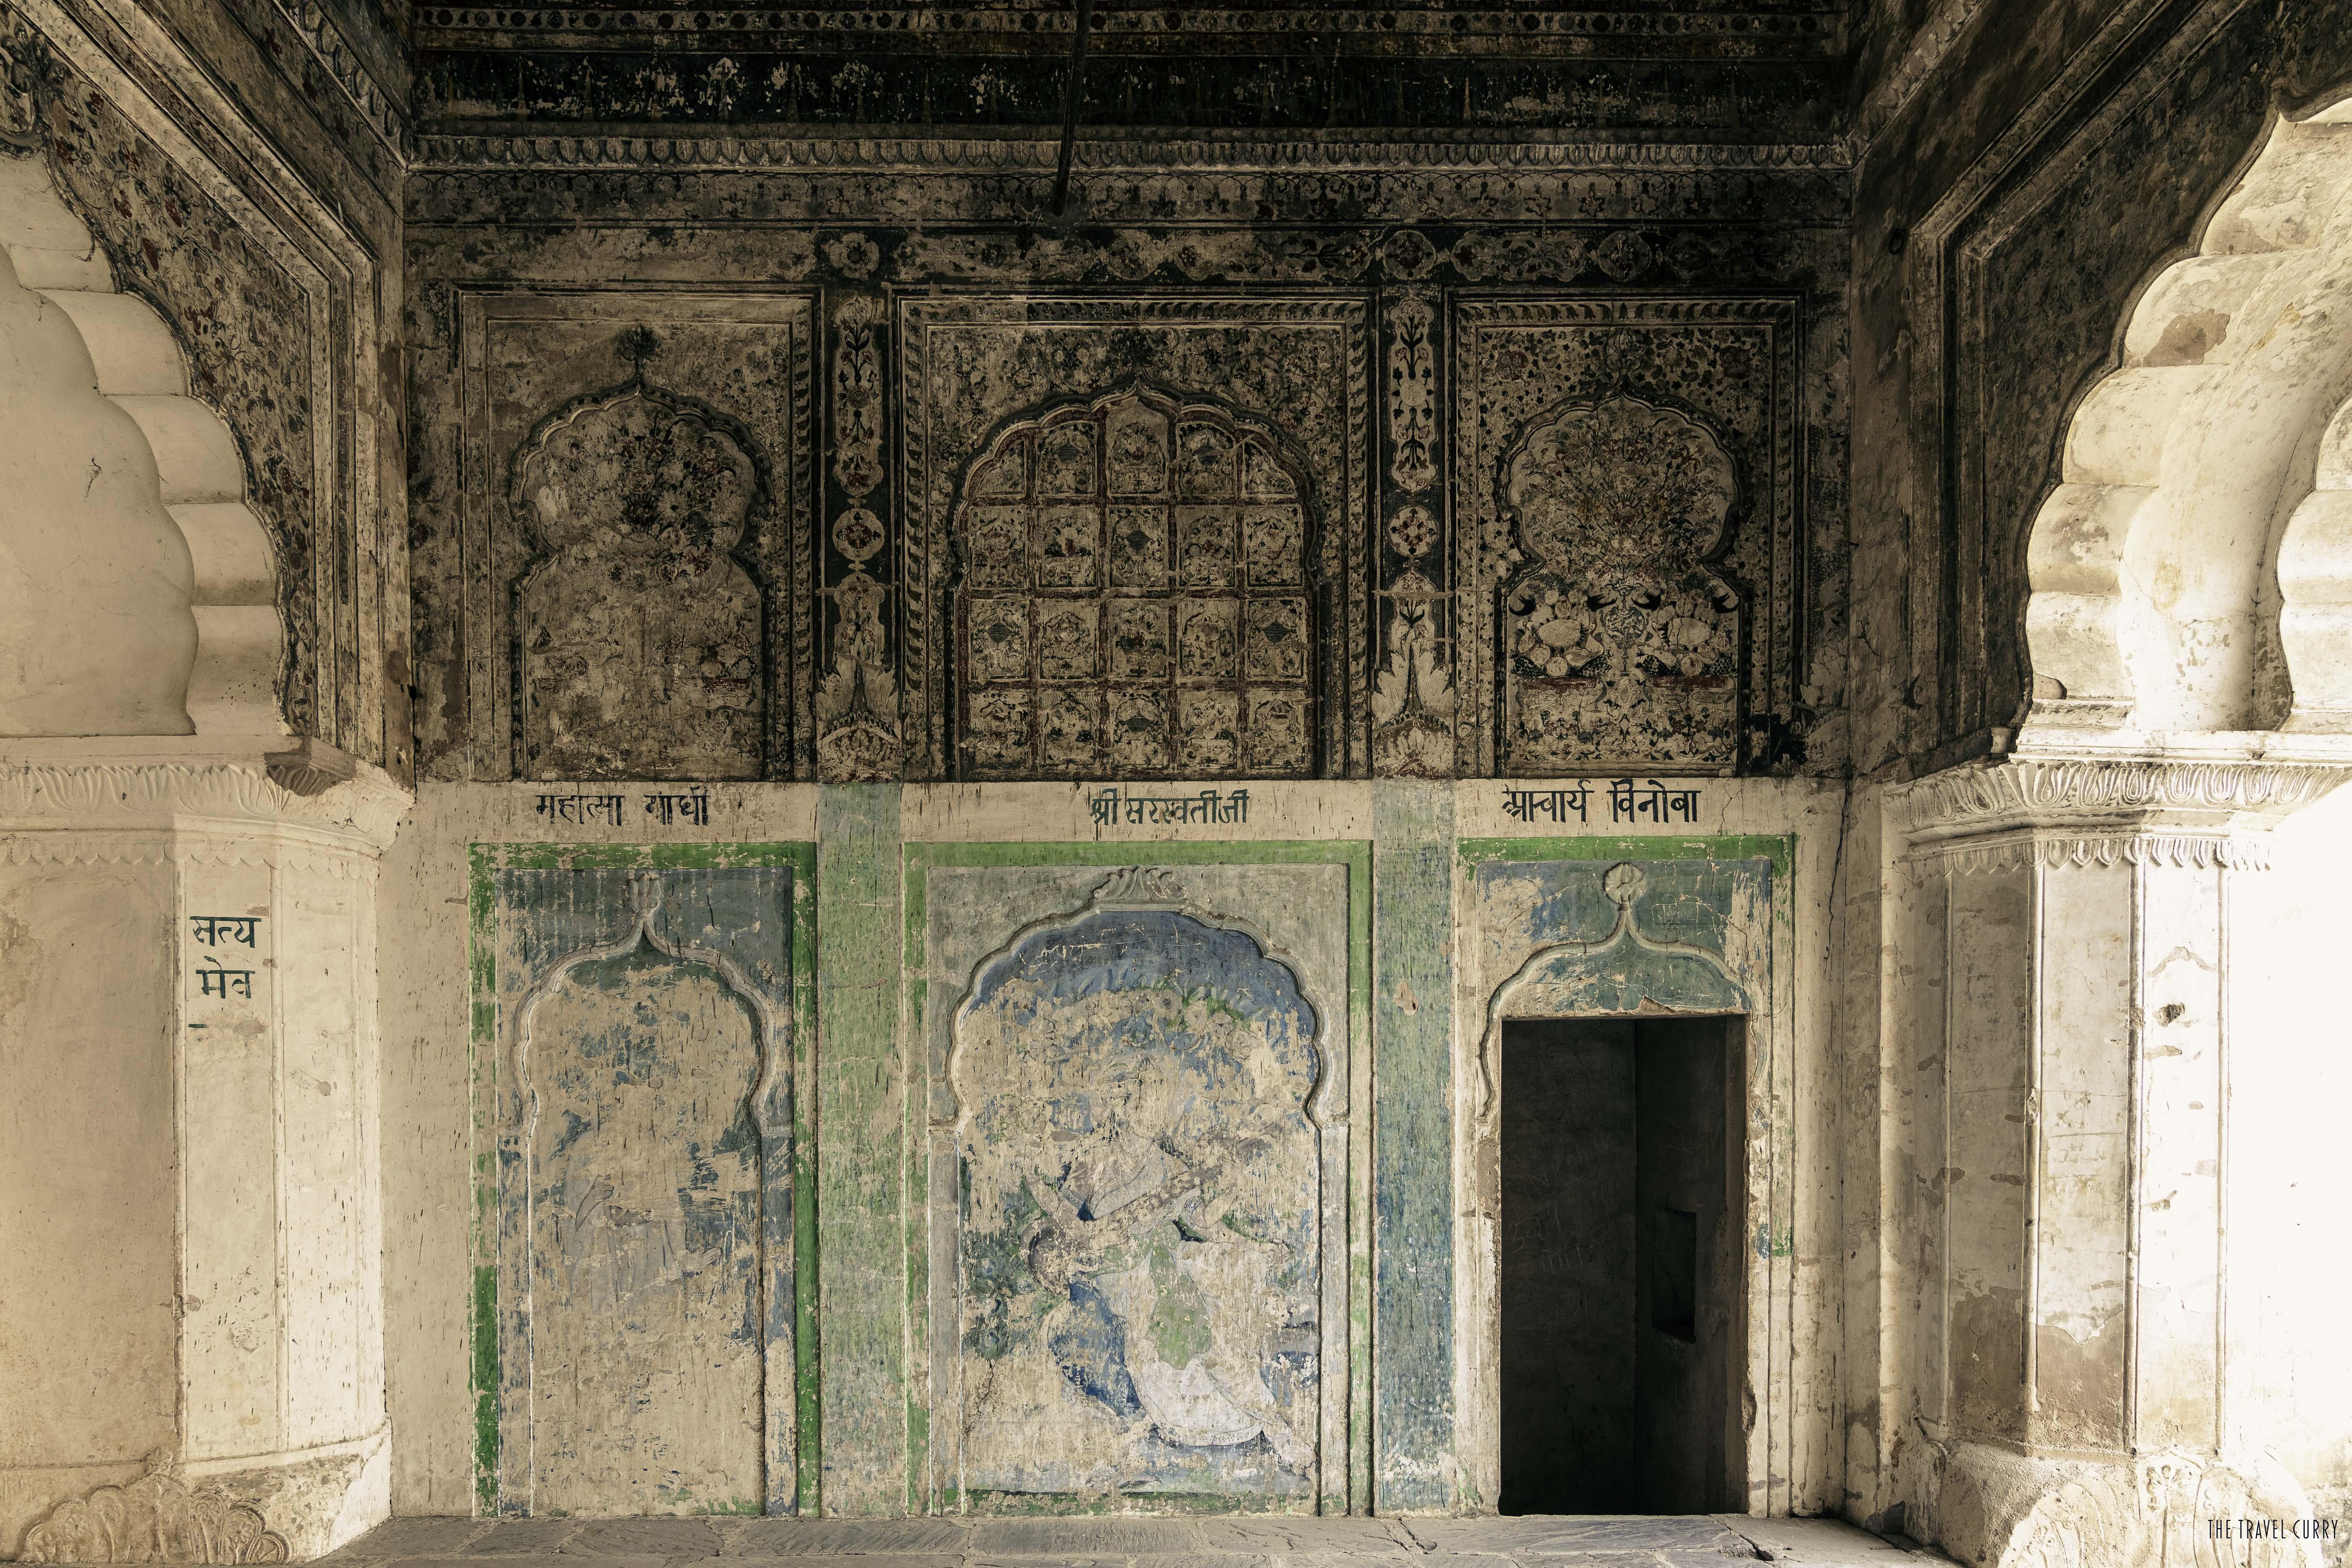 Mural paintings inside Raja Mahal